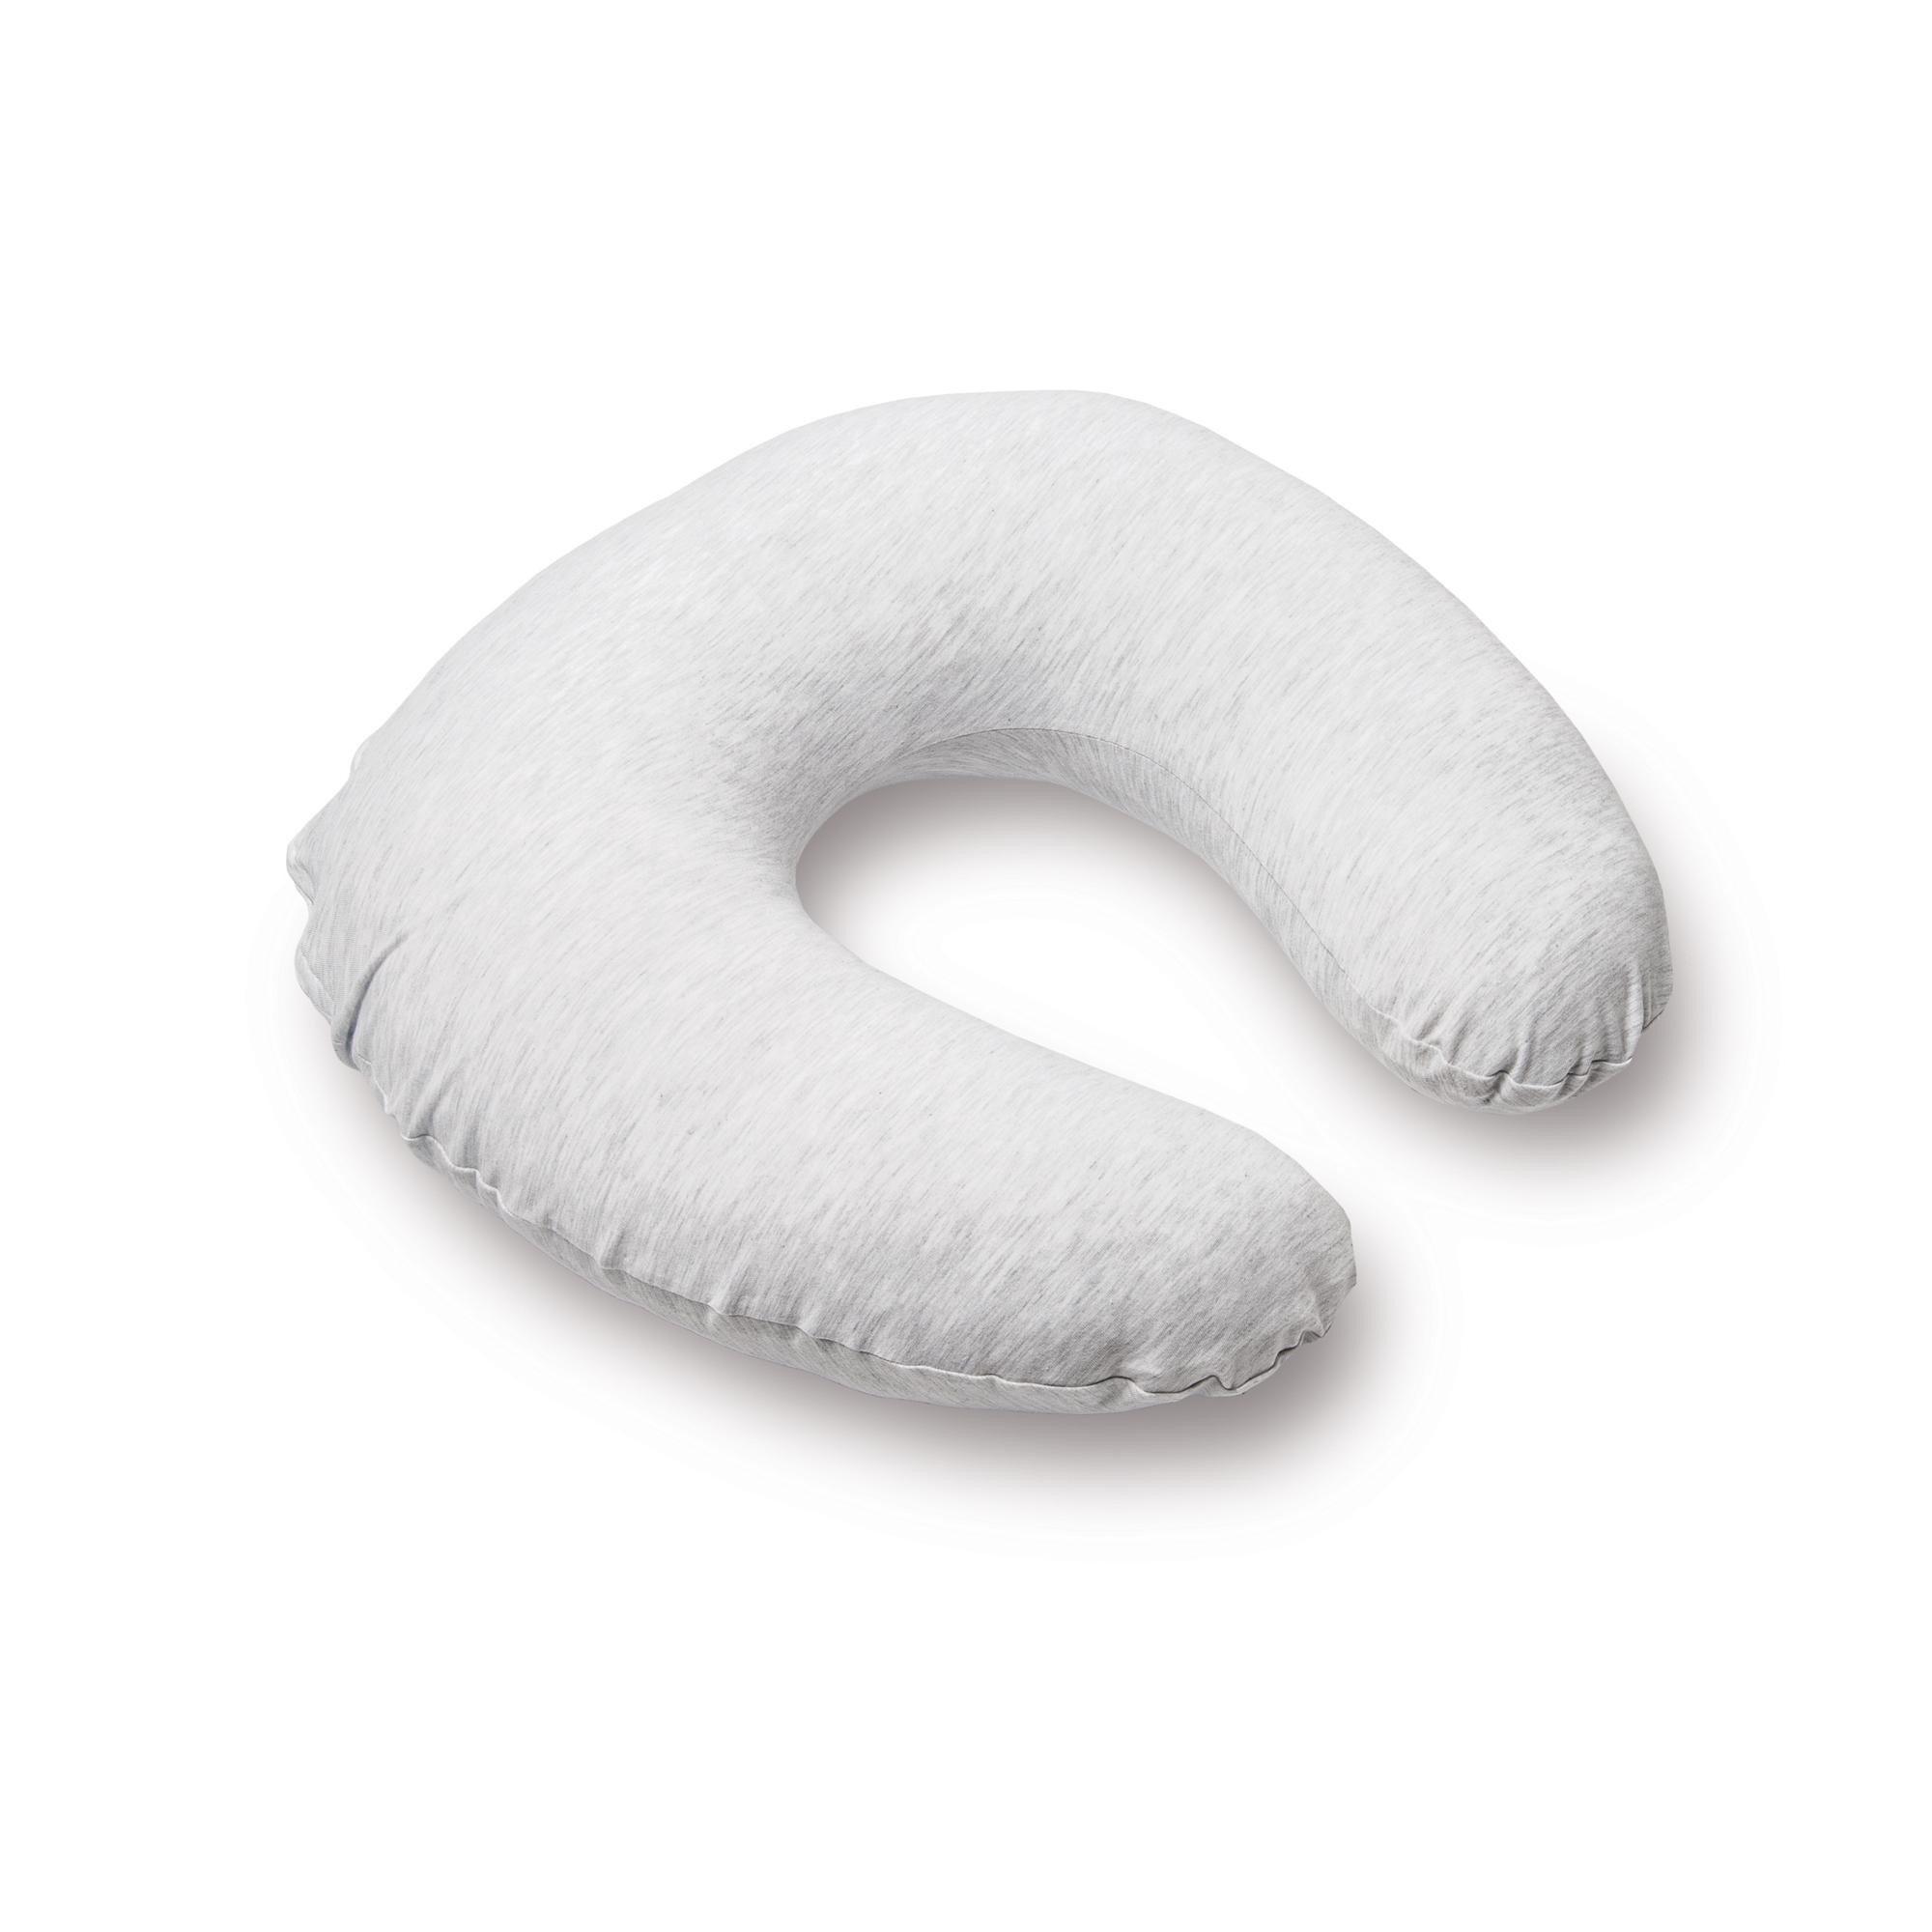 Doomoo Softy multifunkční polštář, Col.S13